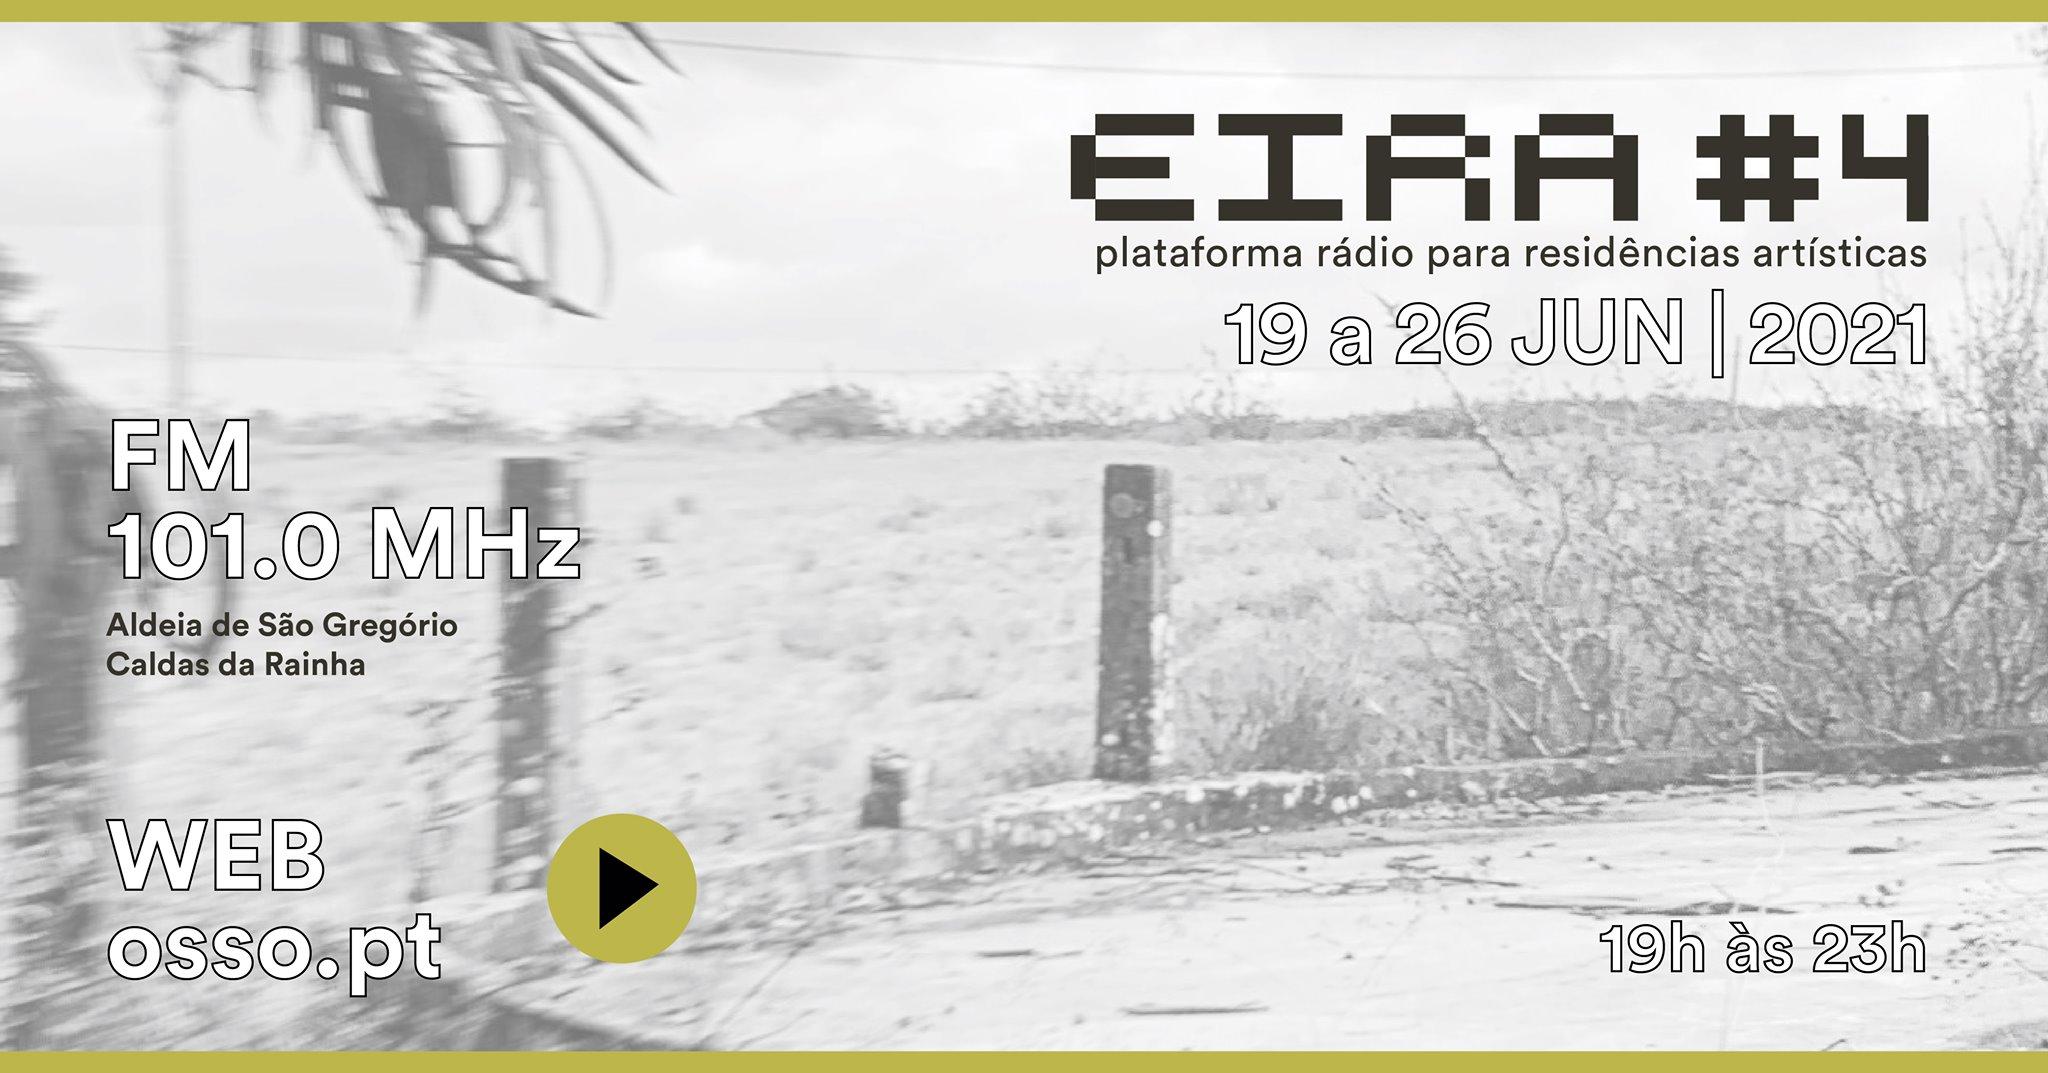 EIRA #4 - plataforma rádio para residências artísticas